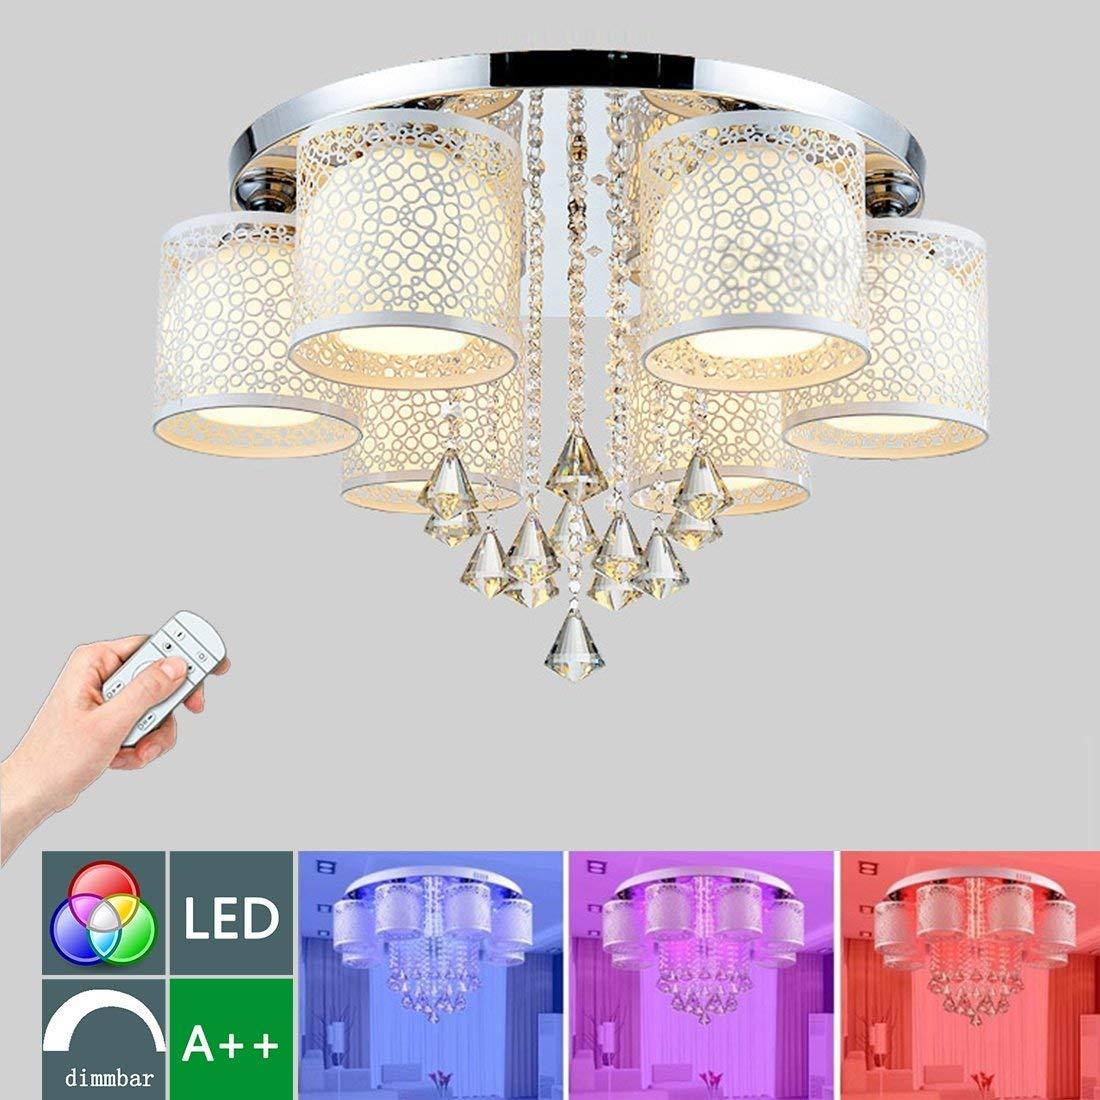 LED Lüster Deckenlampe Modern Dimmbar RGB Kristall Deckenleuchte Hängelampe 6 flammig Deckenstrahler Kronleuchter E27 Innen Leuchter Direkt Beleuchtung für Wohnzimmer Schlafzimmer Warmweiß Licht Ø65CM